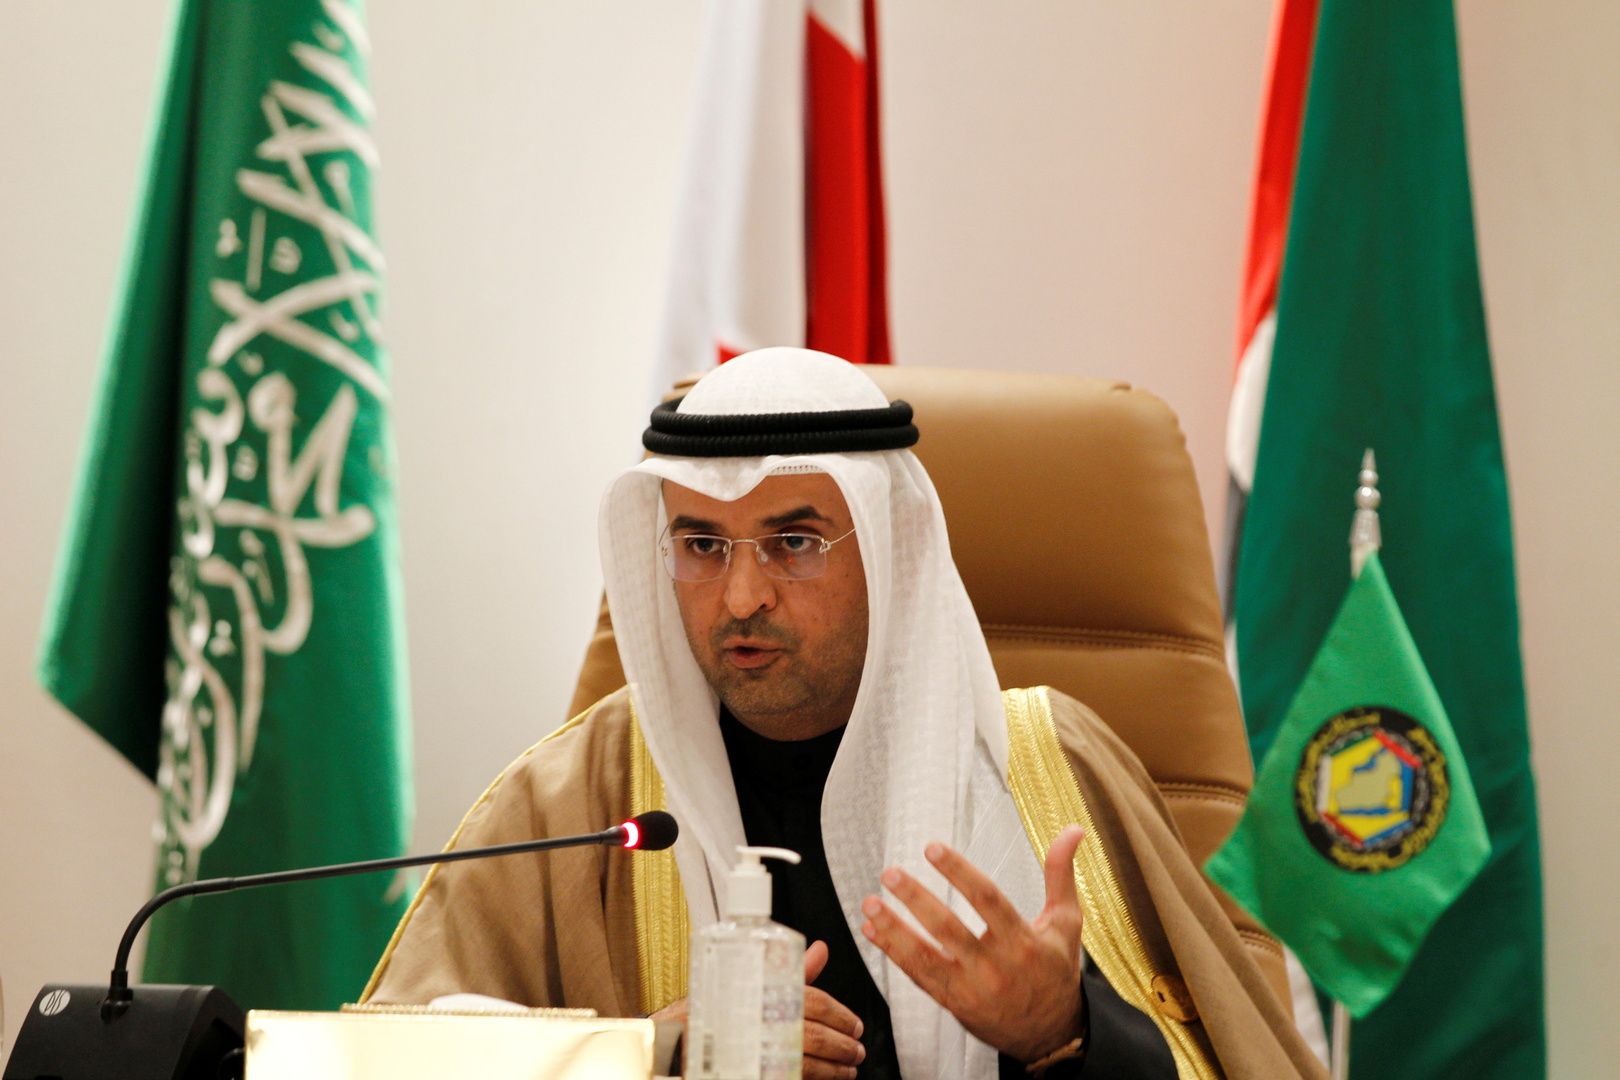 الأمين العام لمجلس التعاون لدول الخليج العربية، نايف فلاح مبارك الحجرف.